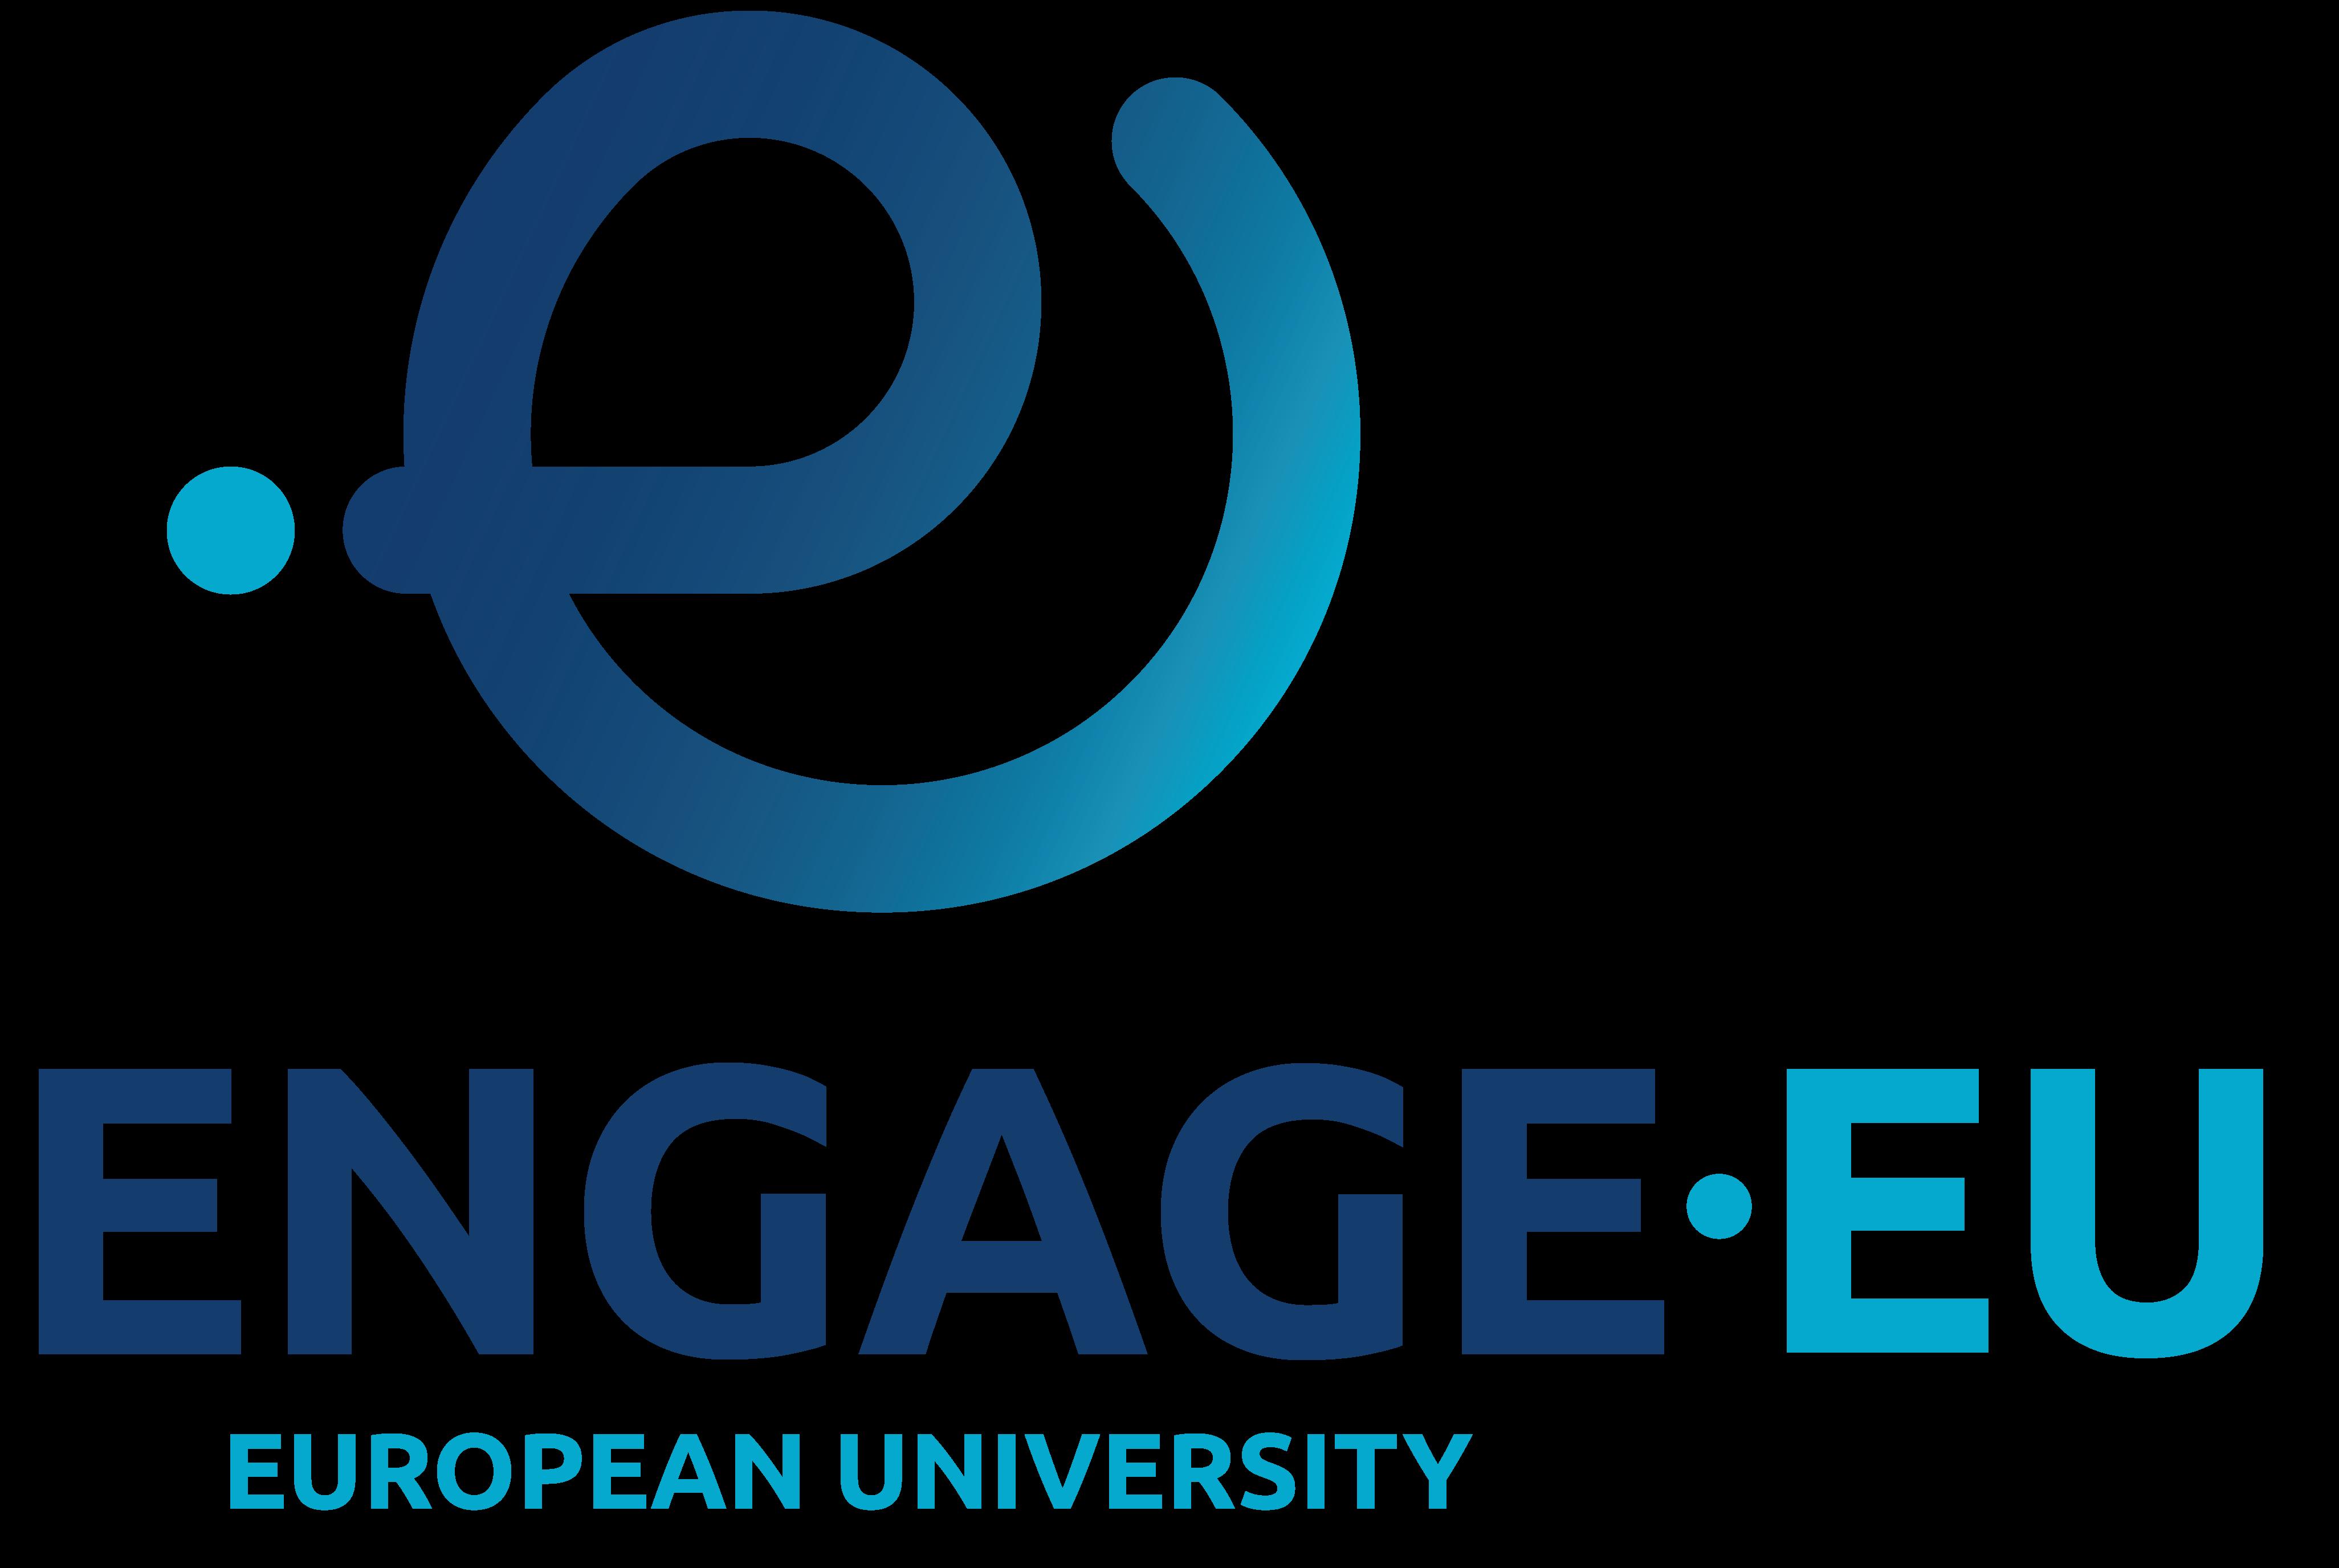 ENGAGE.EU